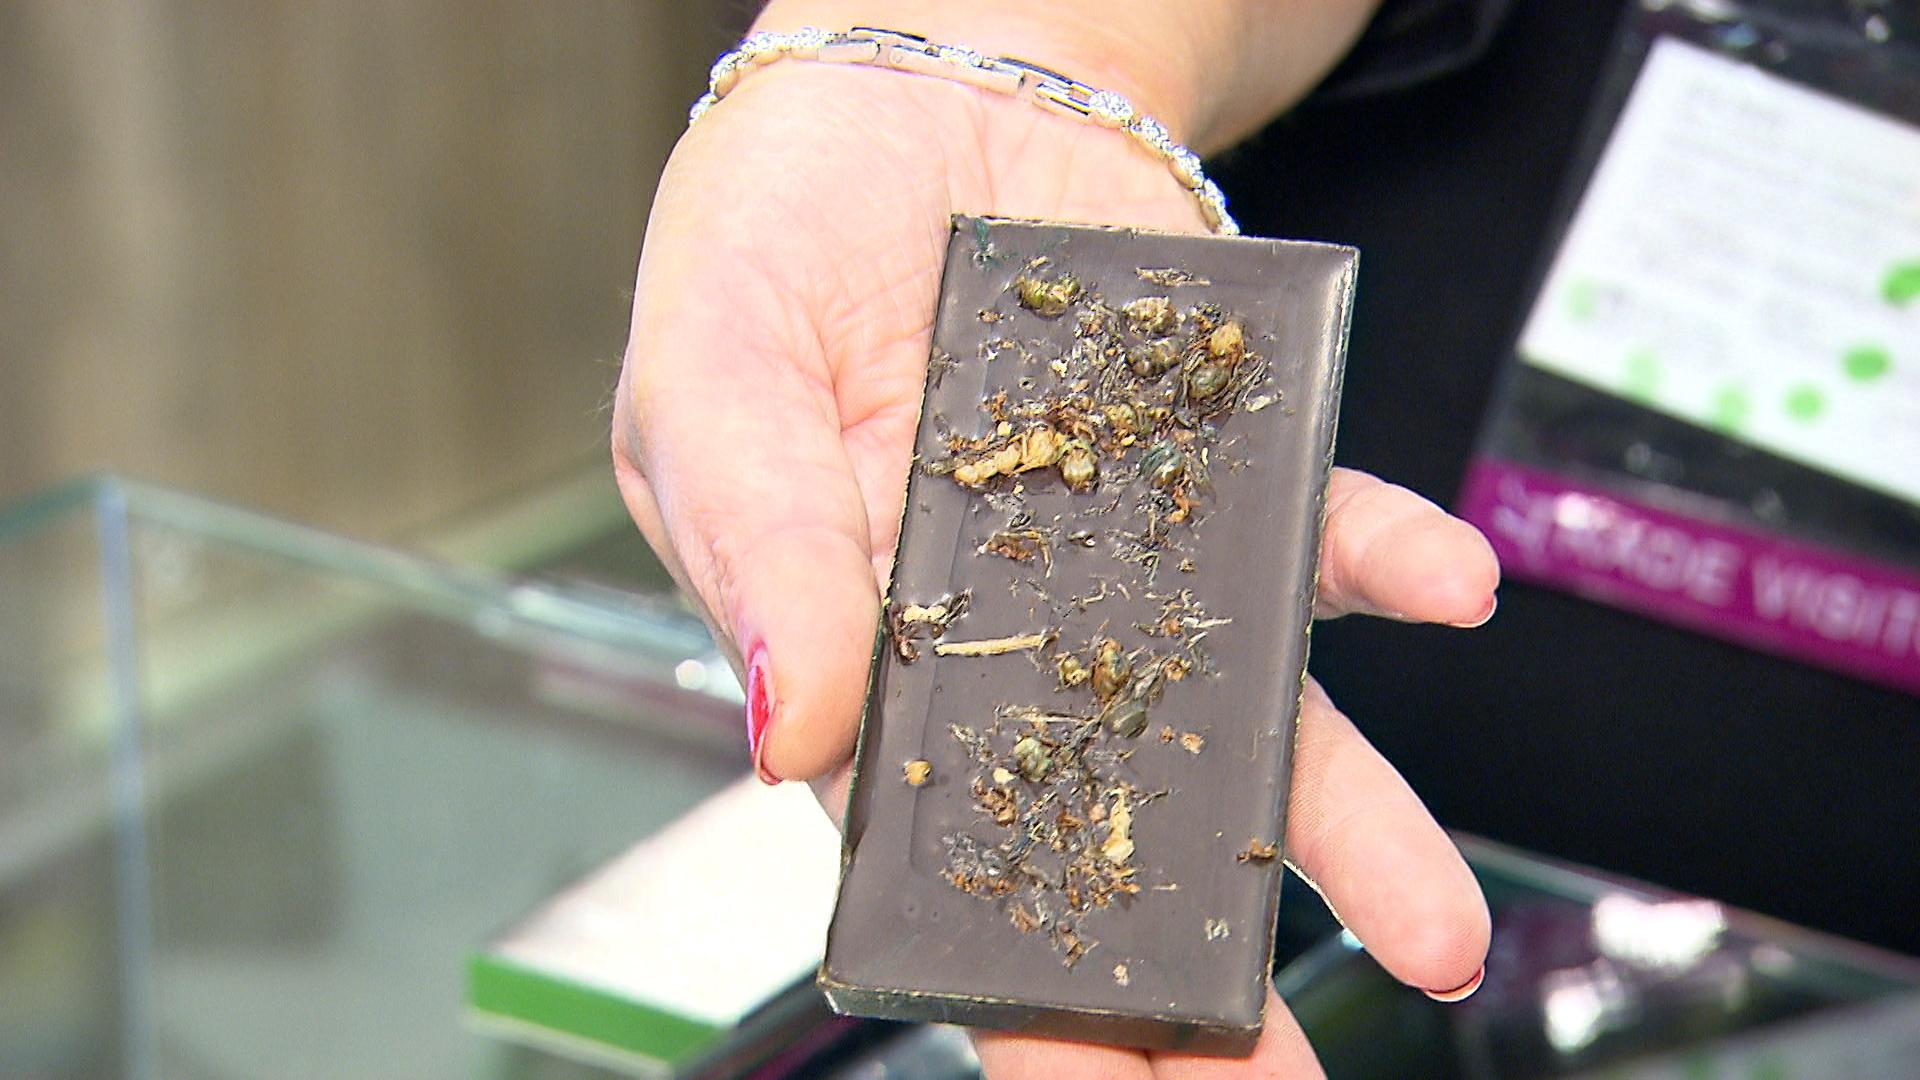 Eine Proteinquelle, die wohl gewöhnungsbedürftig ist: Grüne Ameisen in der Schokolade (Foto: hellofootage)